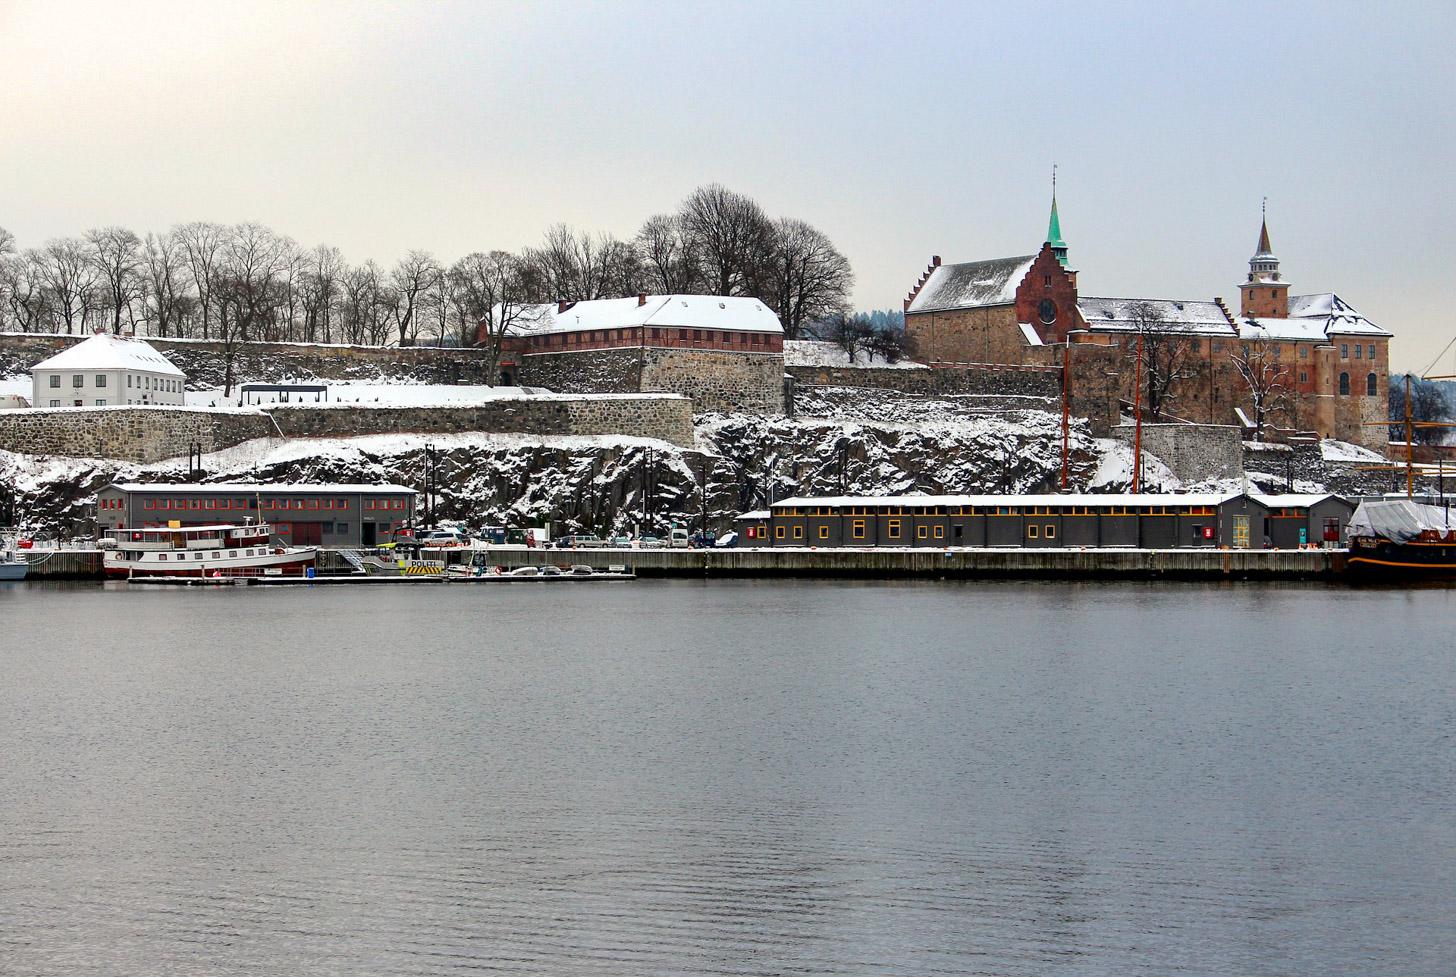 Tijdens de winter heb je kans op sneeuw in Oslo